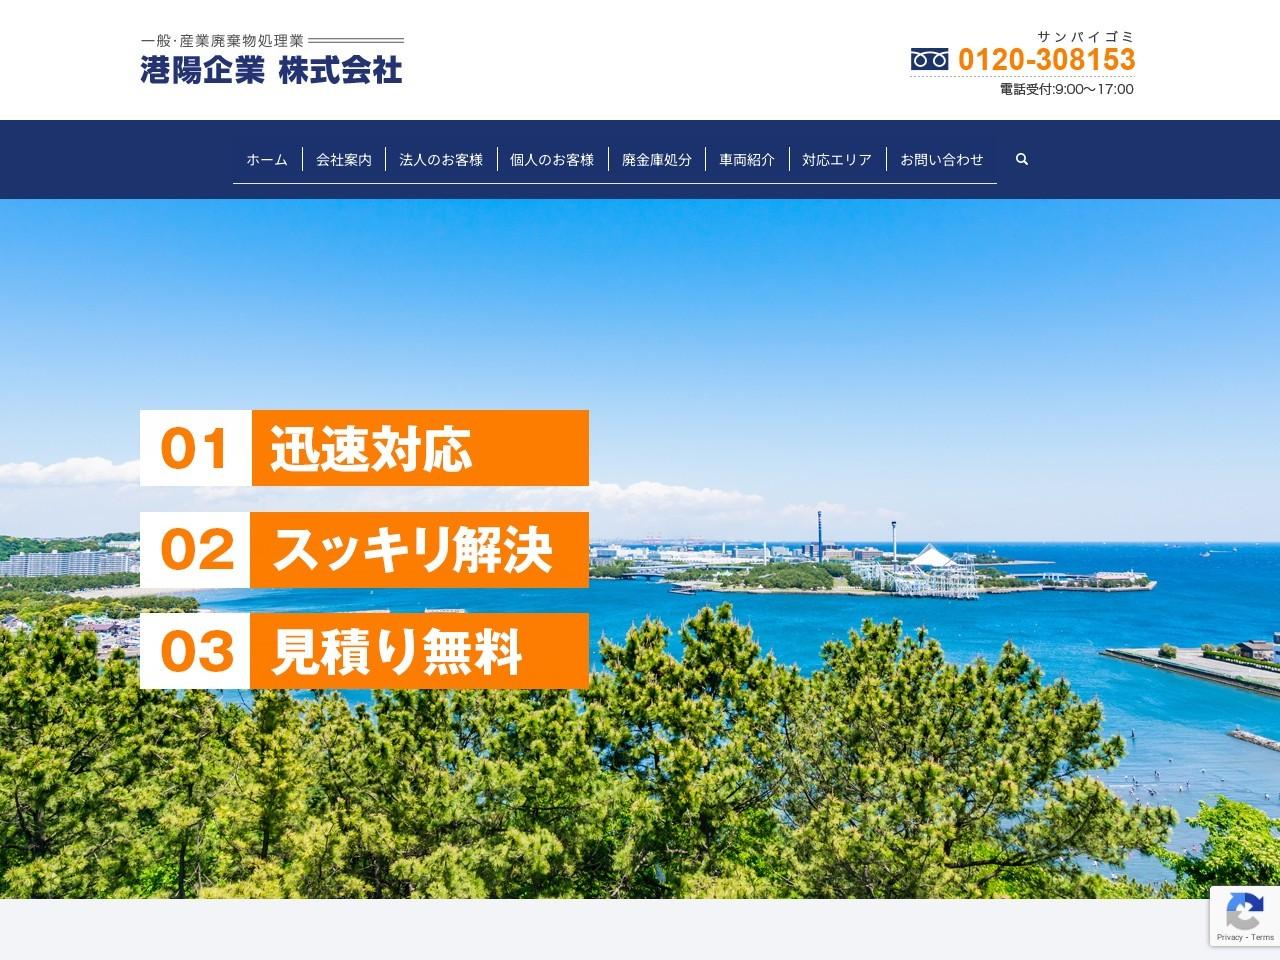 港陽企業株式会社